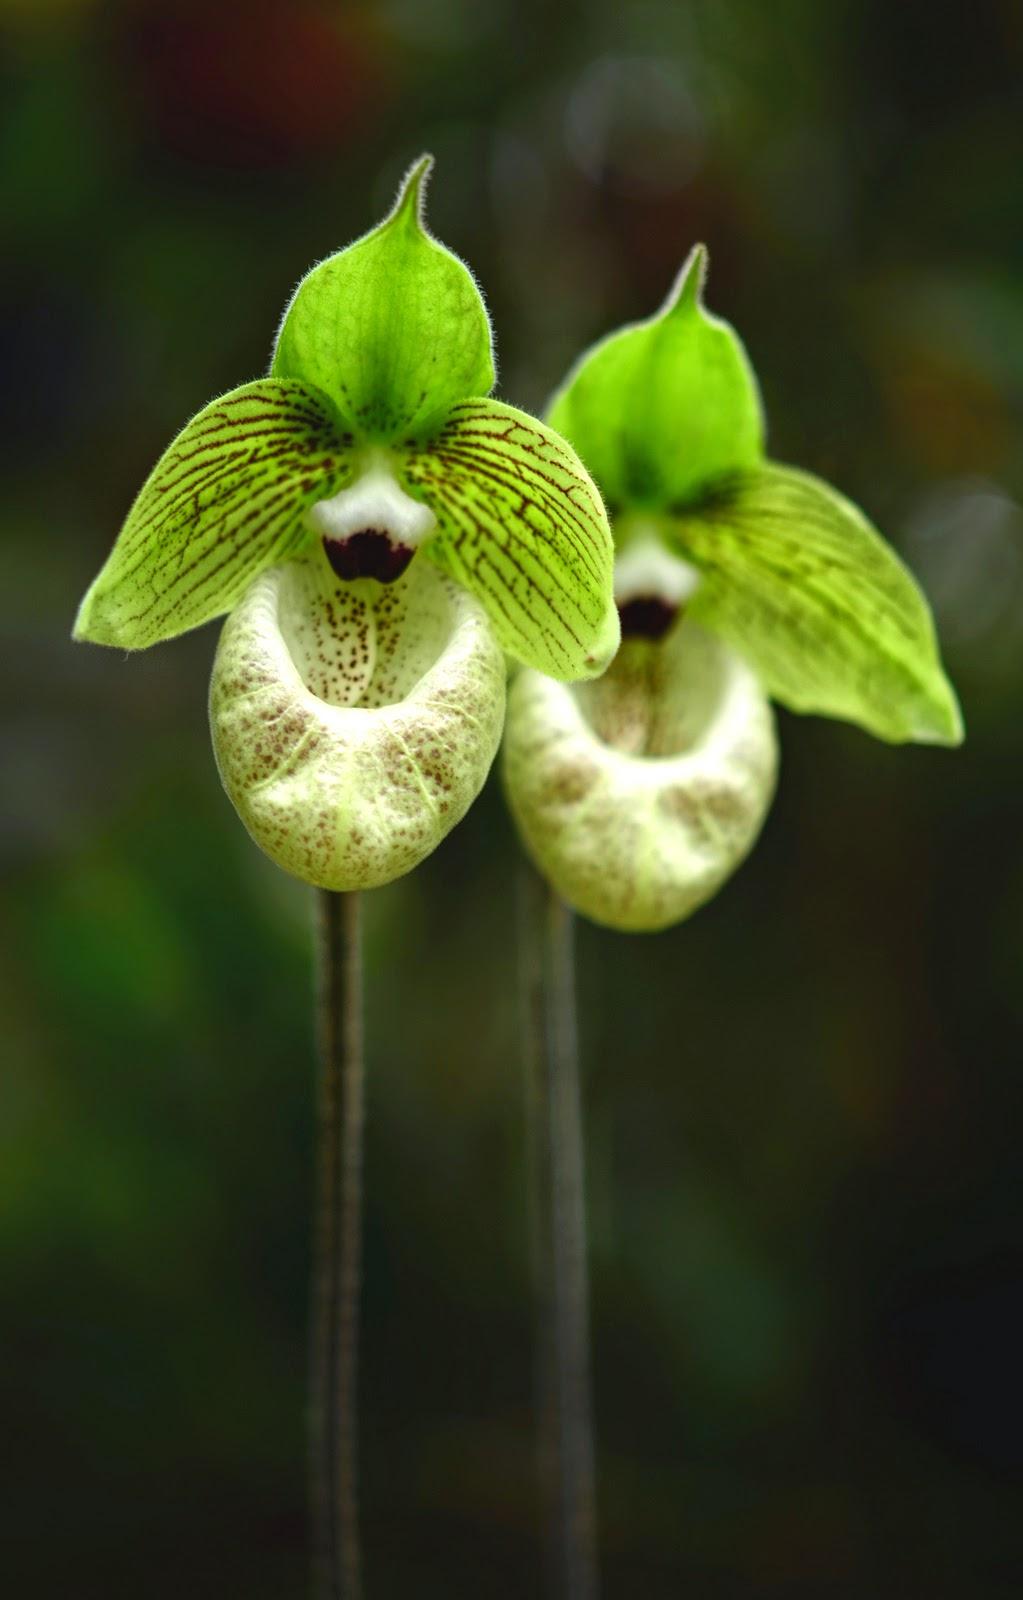 đặc biệt ngồng hoa hài ráp có thể cao 50-60cm mang một hoa to đơn độc